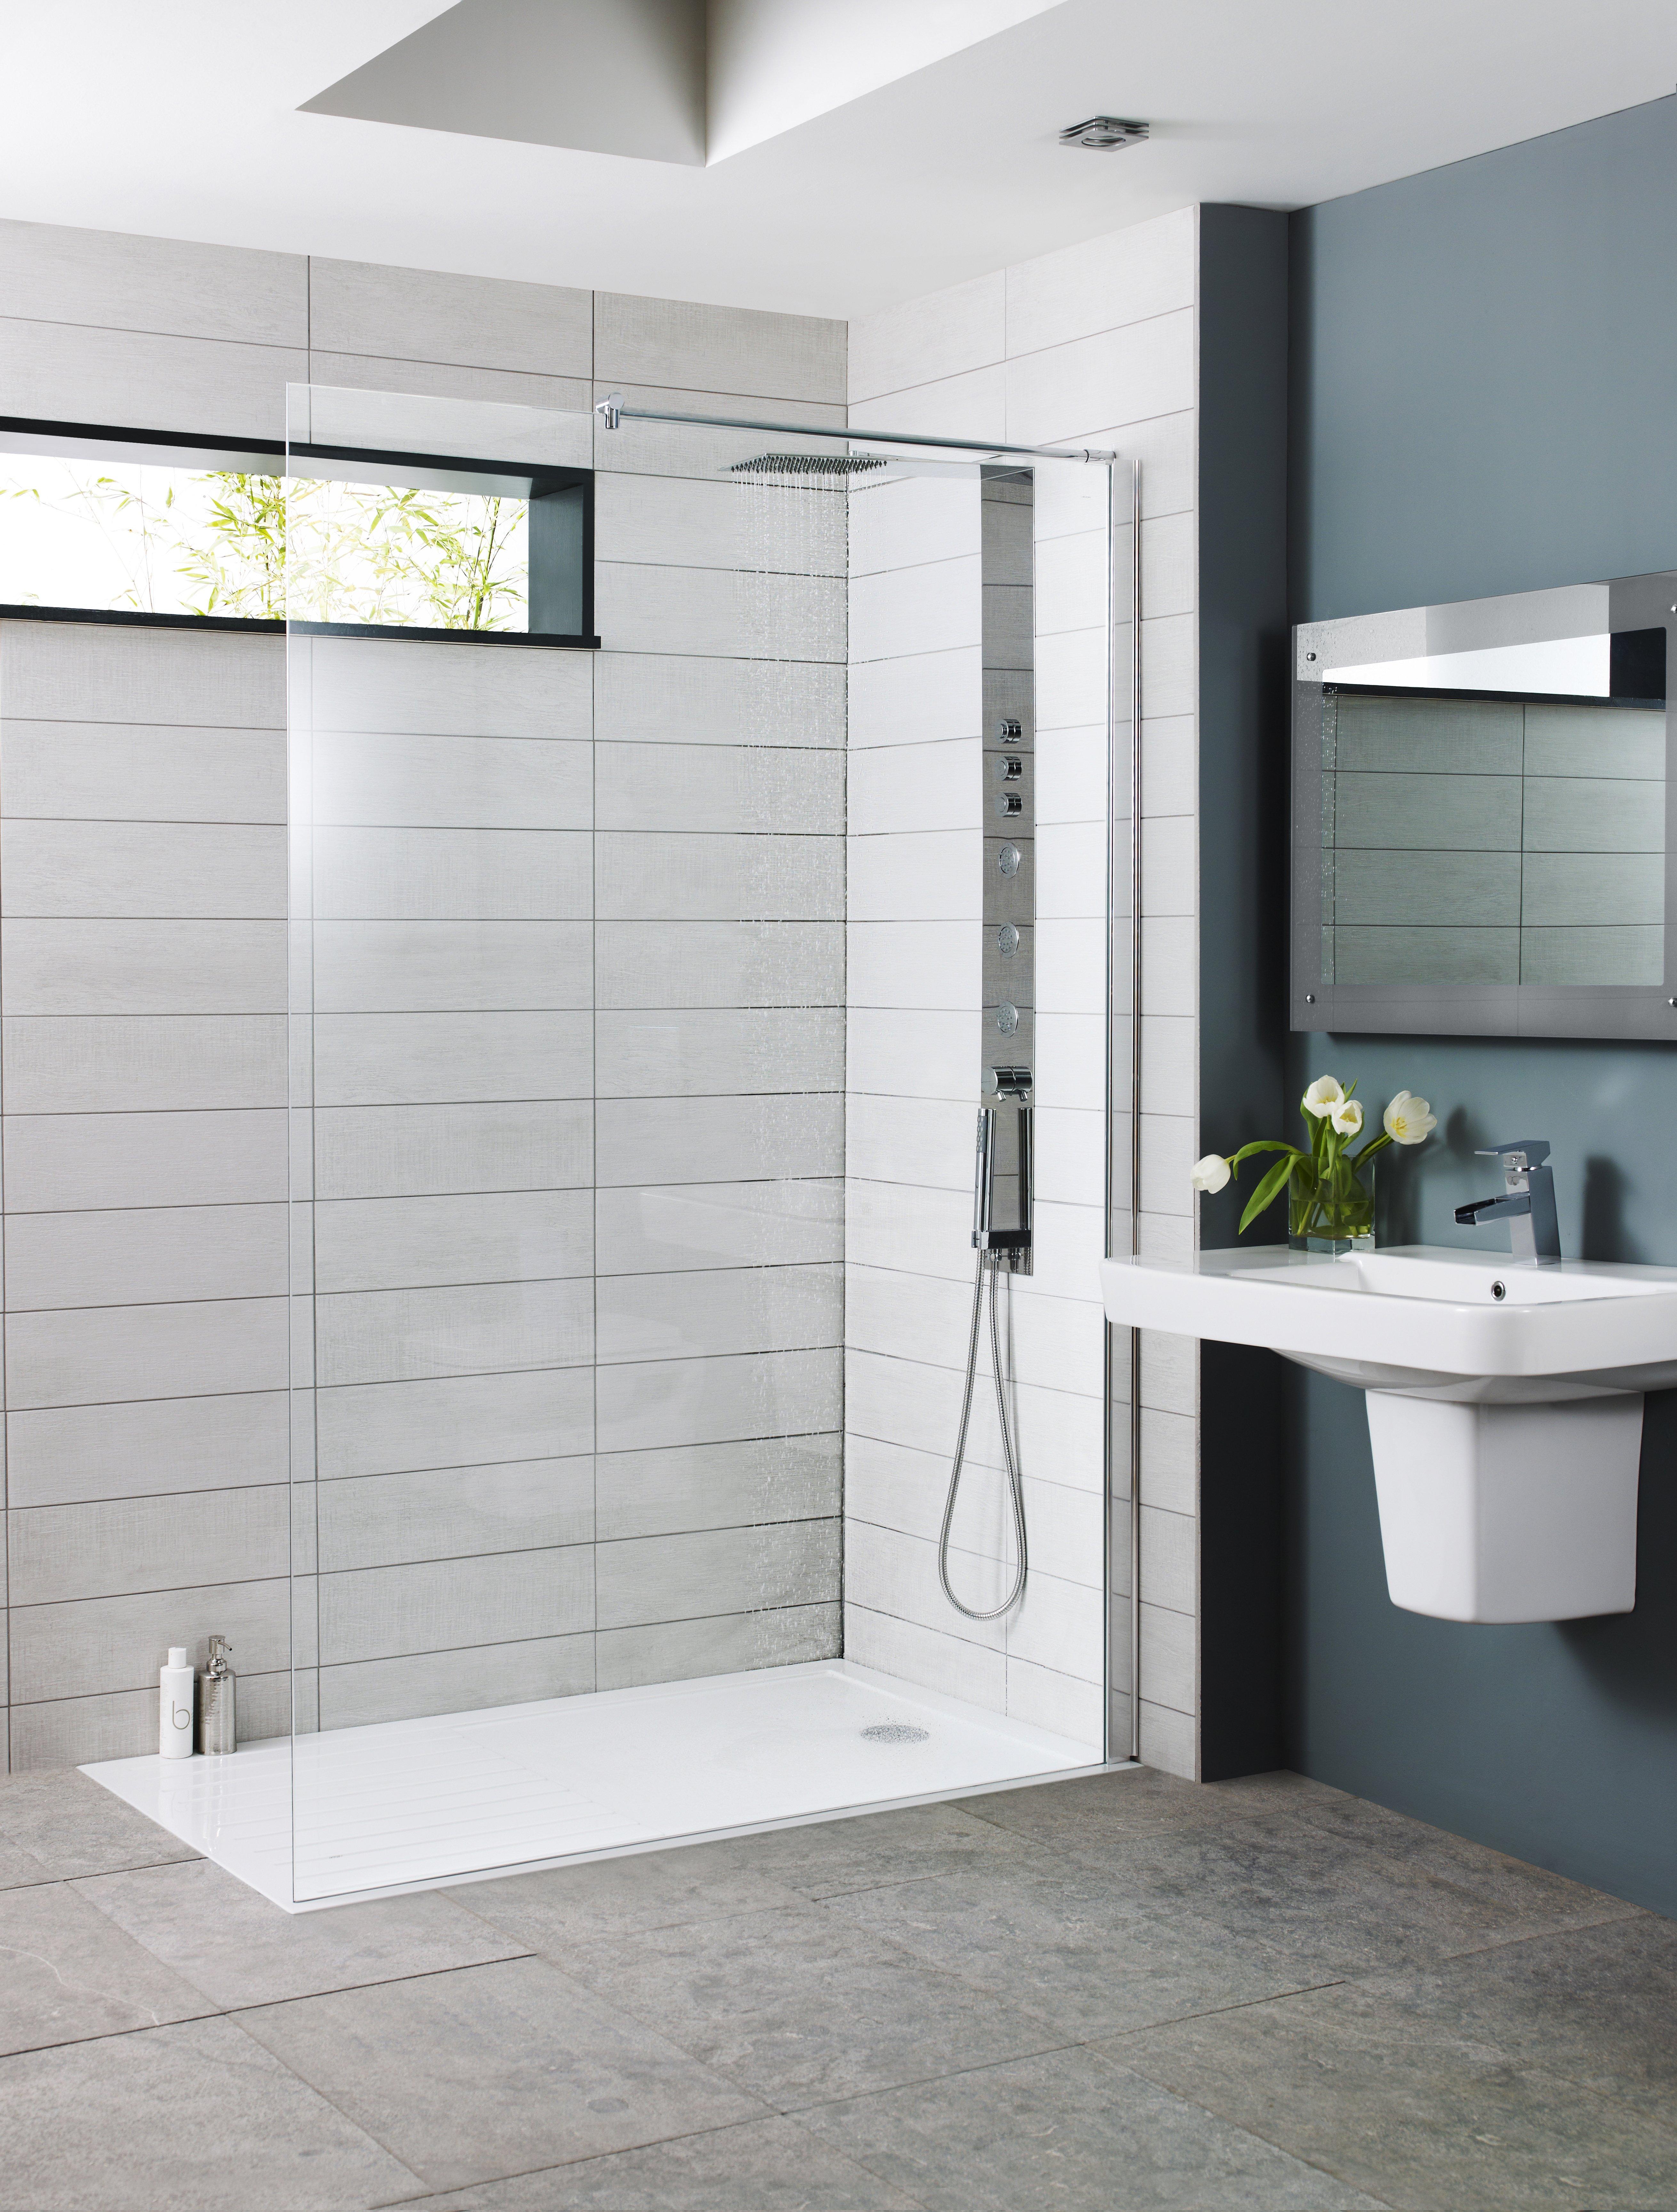 Bathroom Design | Leeds | The Bathroom House